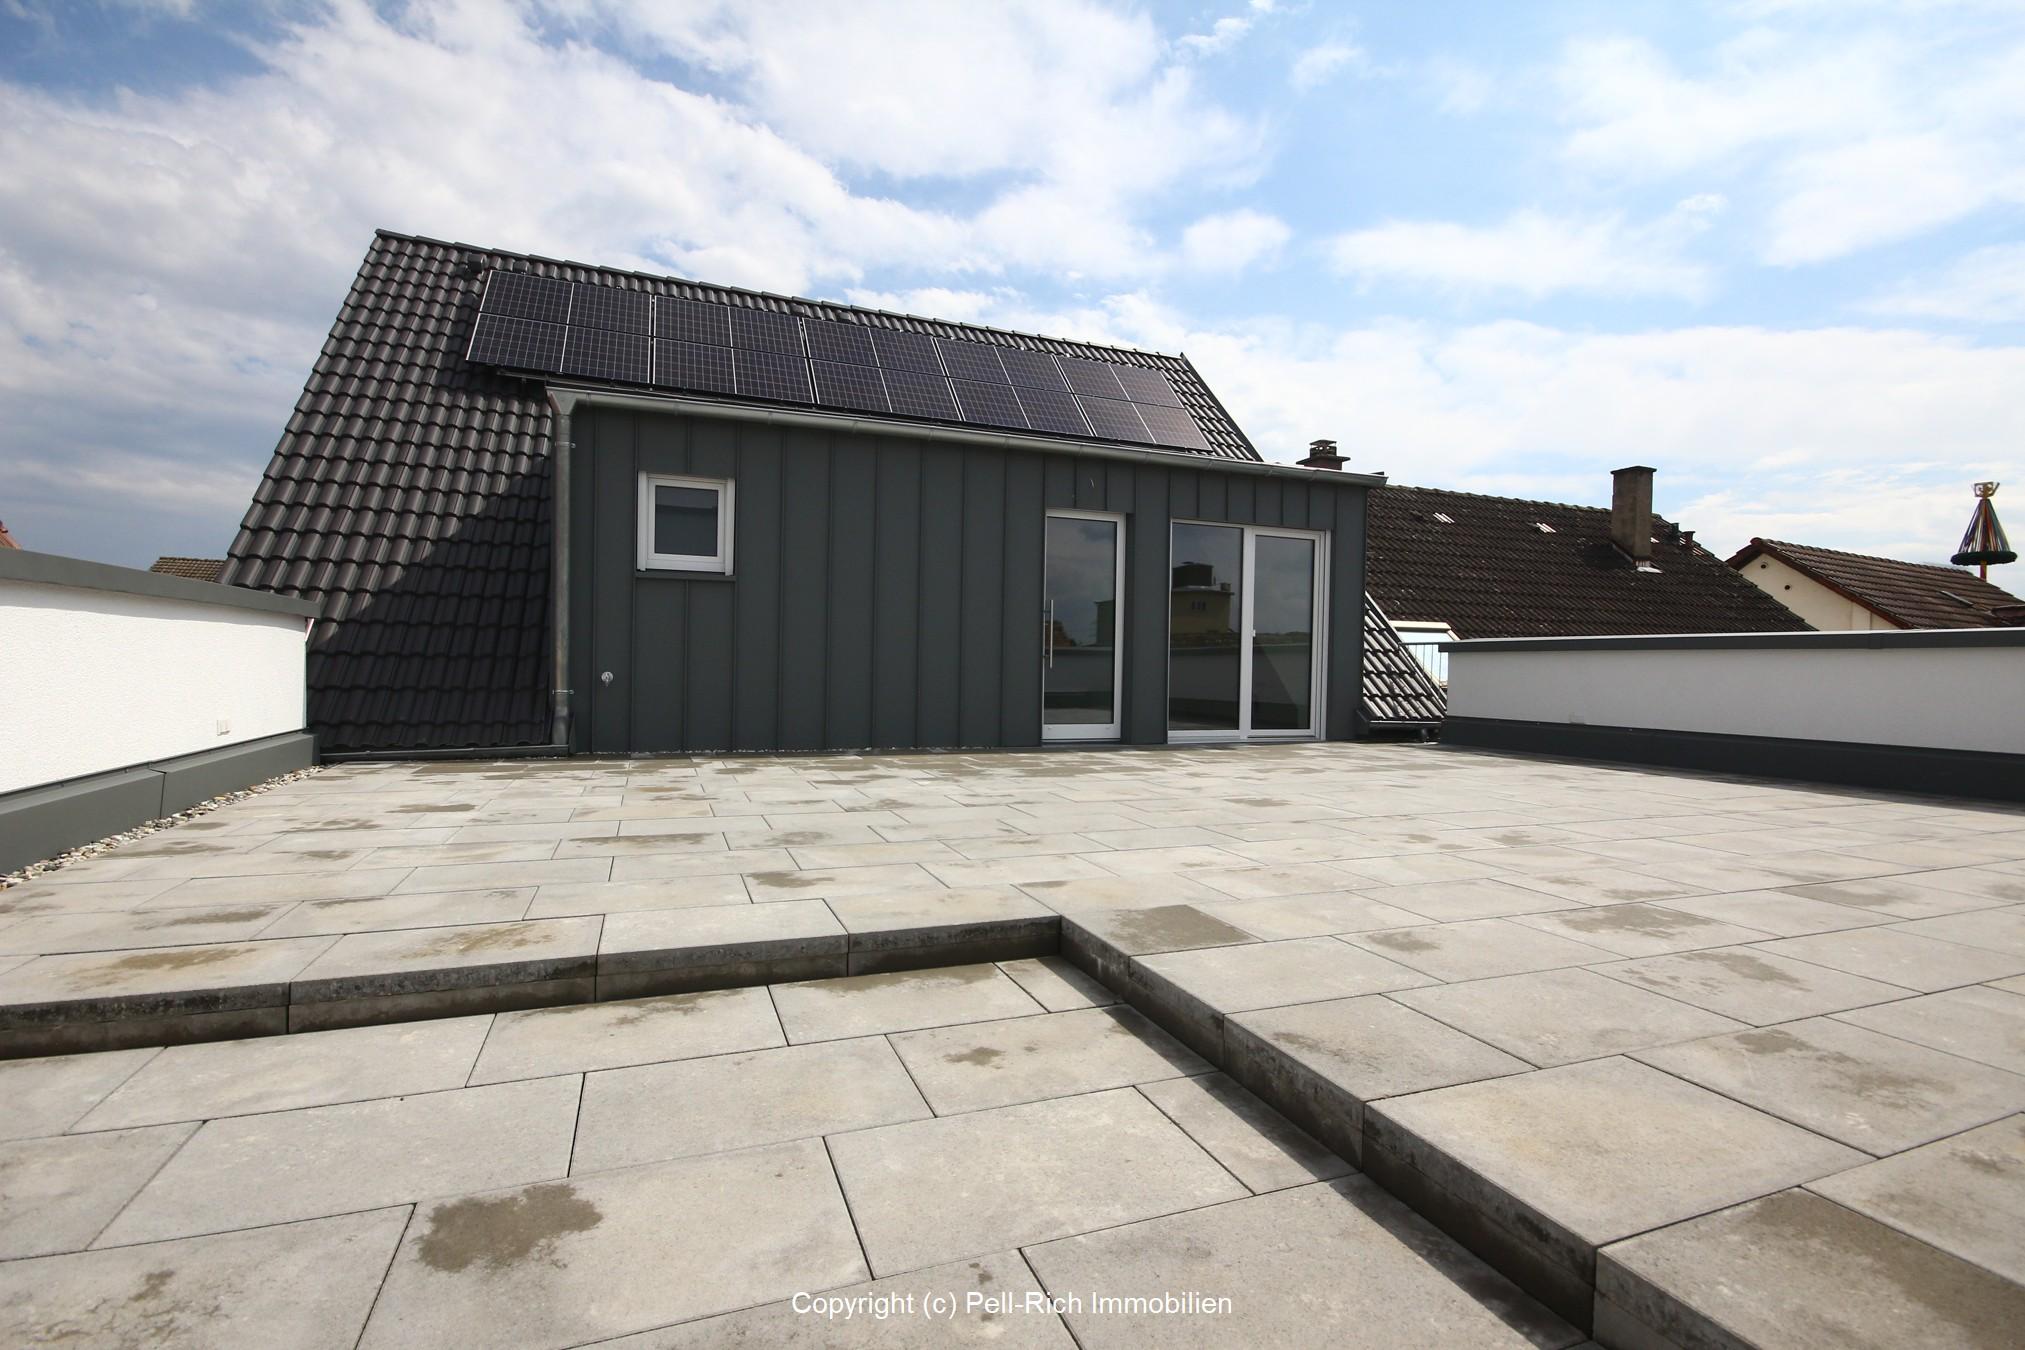 SONNENKUSS: Barrierefreie Neubauwohnung mit einzigartiger Dachterrasse sucht Mieter